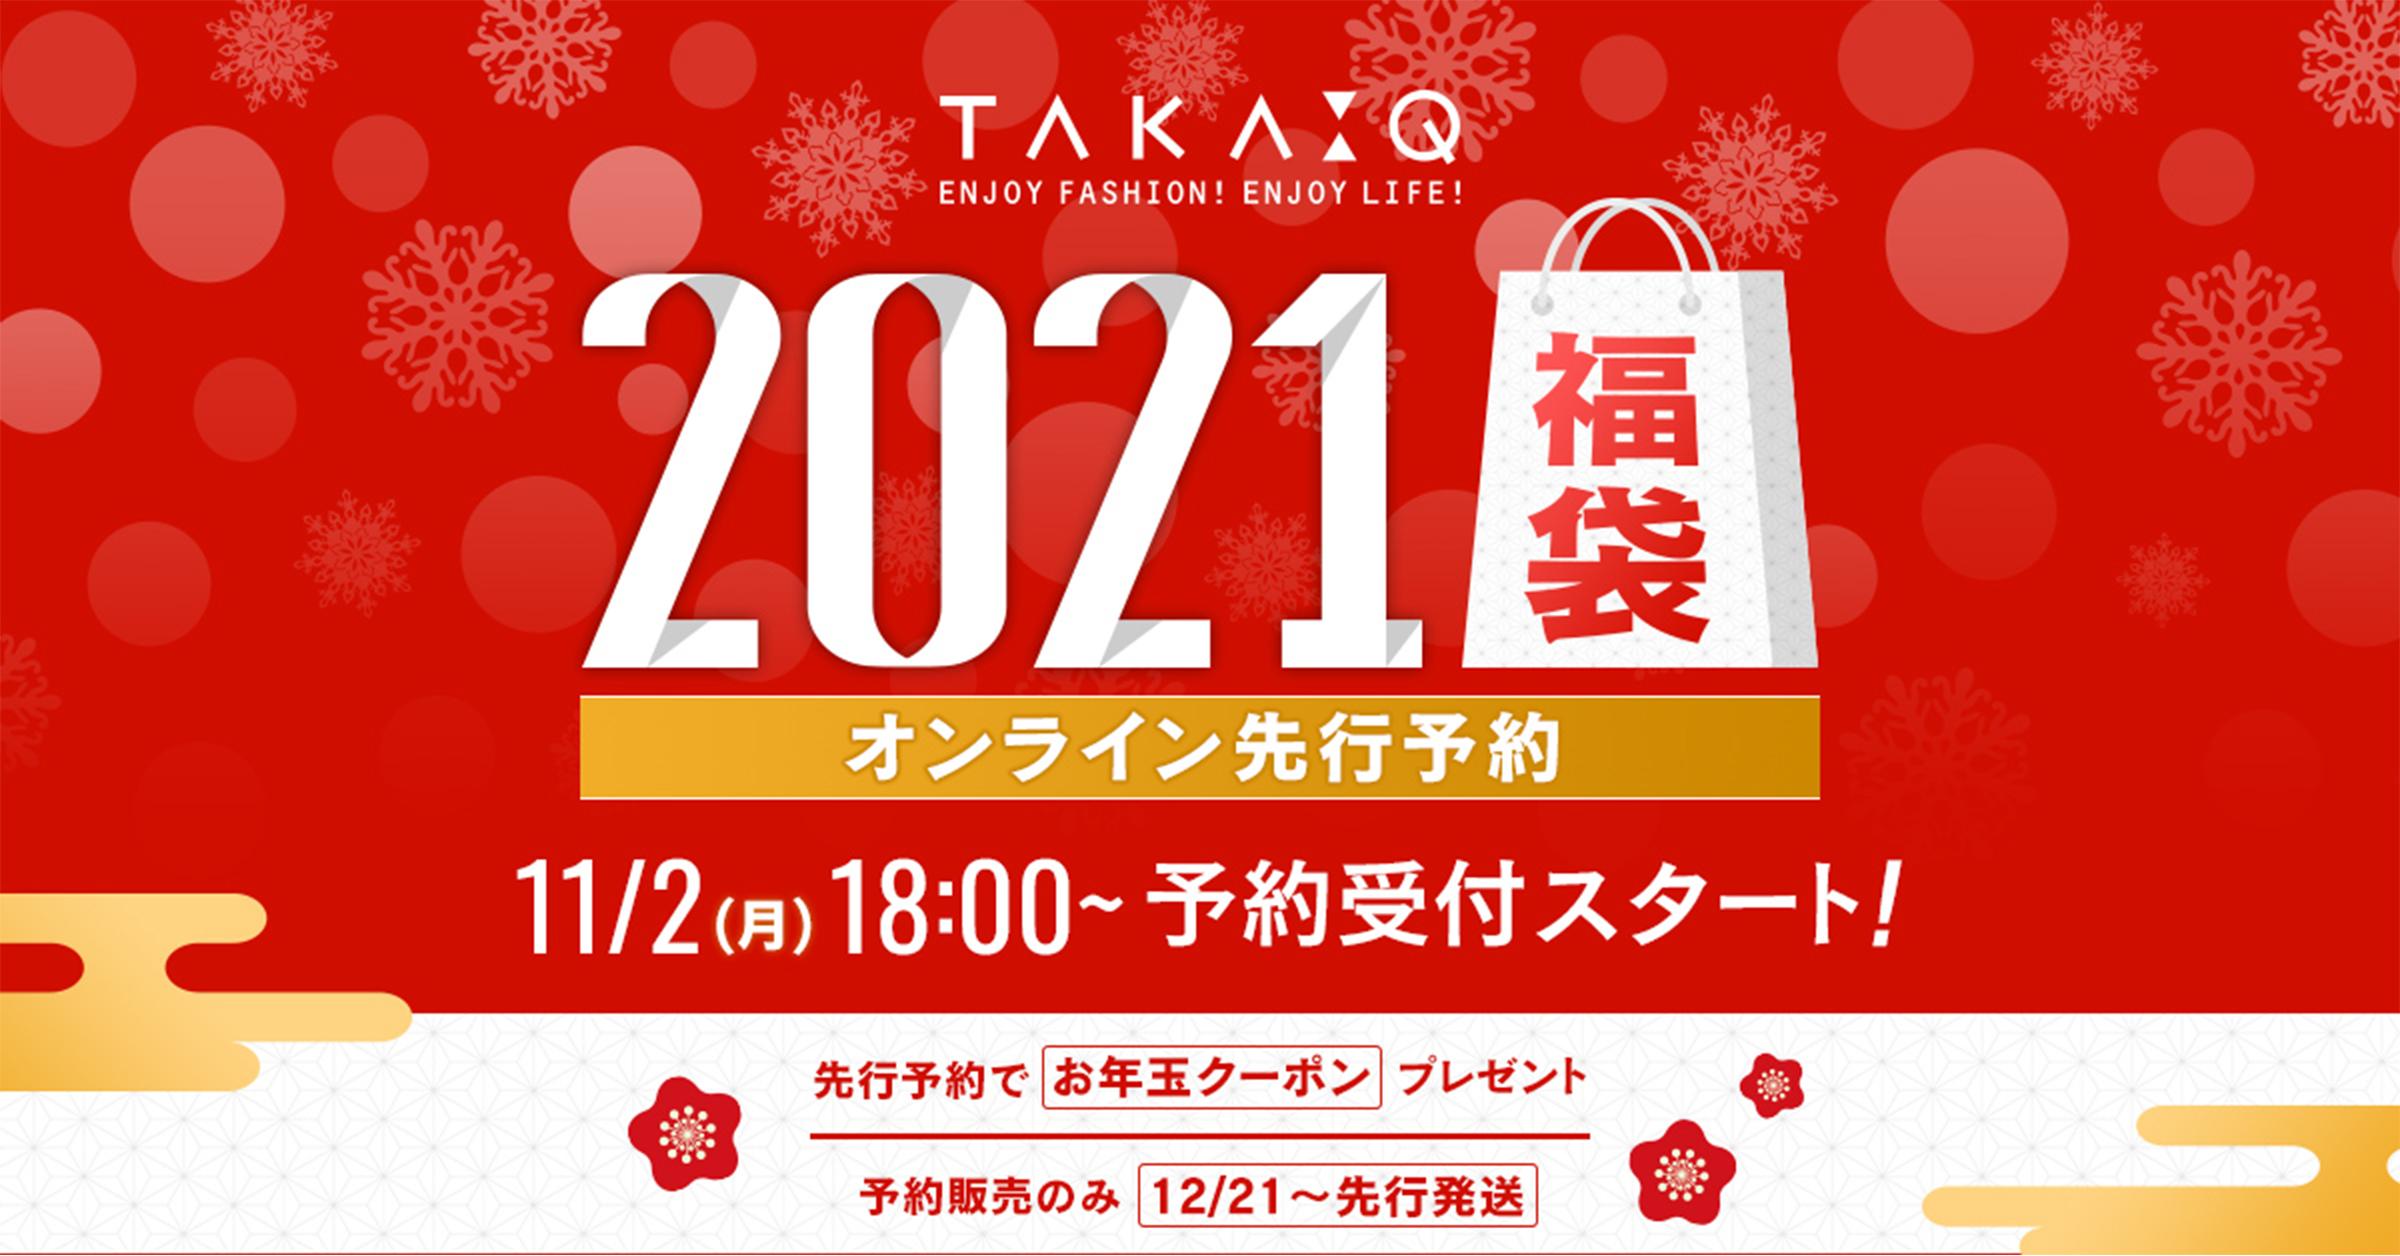 11/2(月) 18:00より2021年福袋予約開始!※事前告知になります。